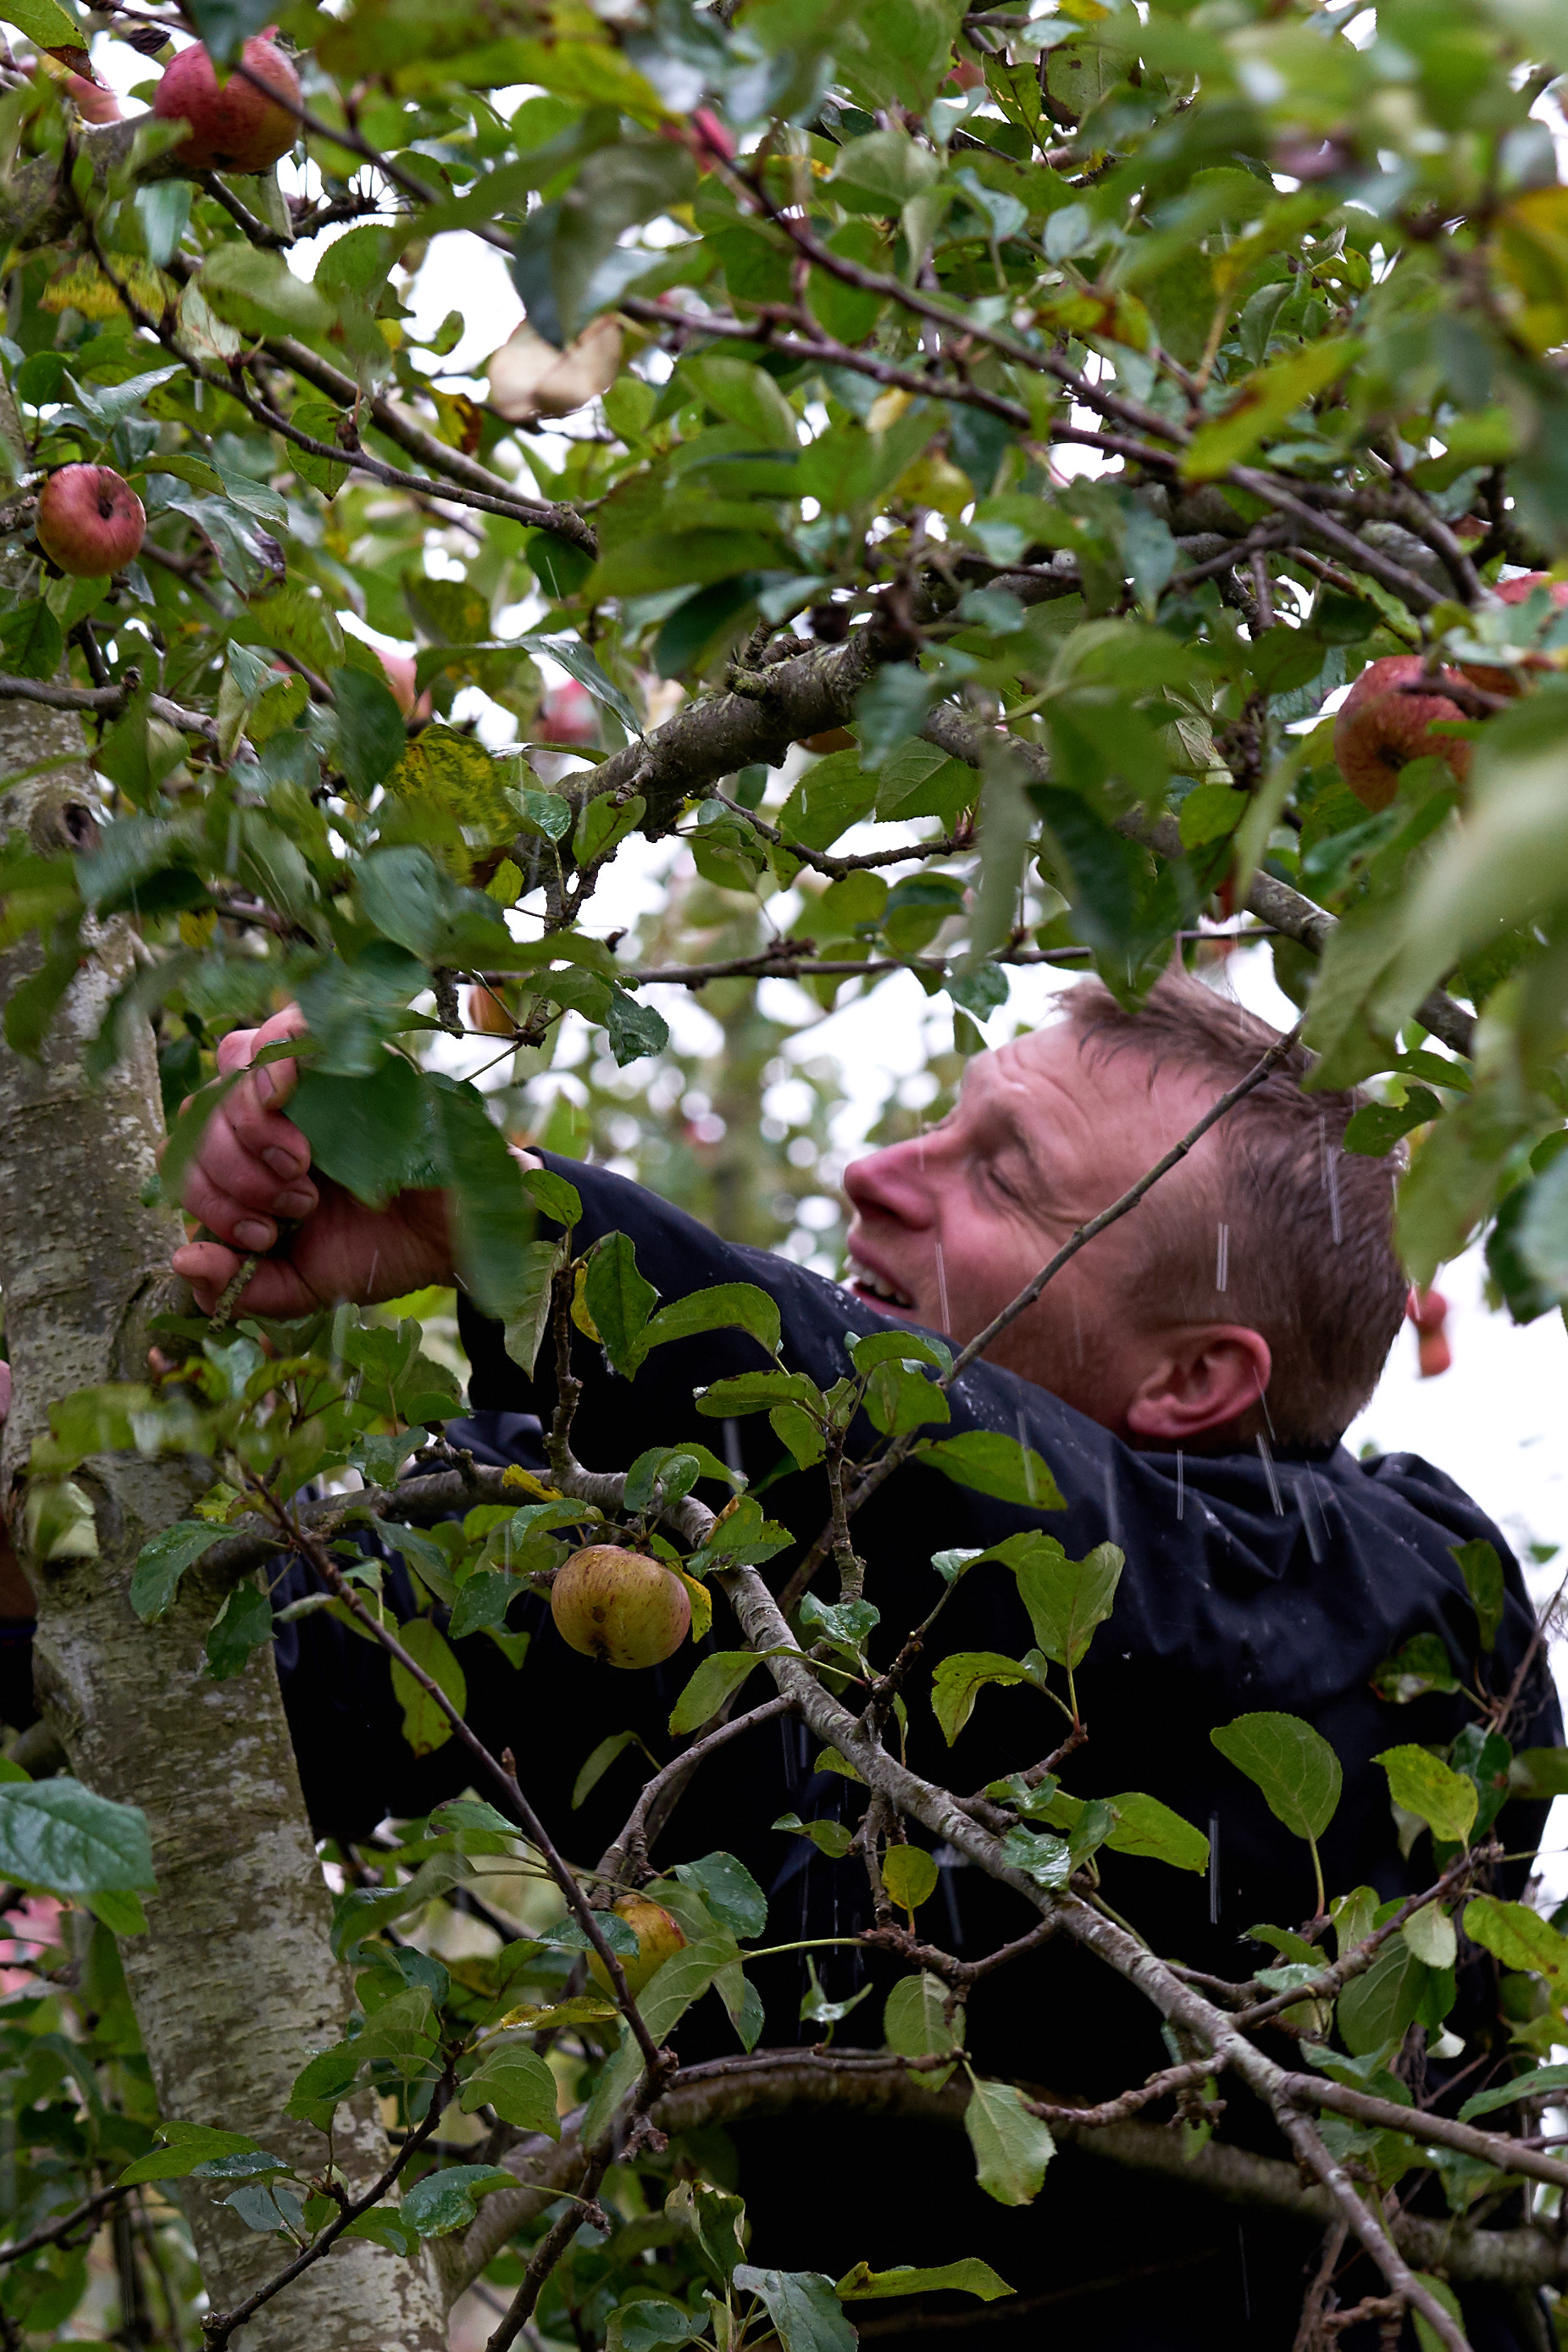 OrchardDSC08562.jpg